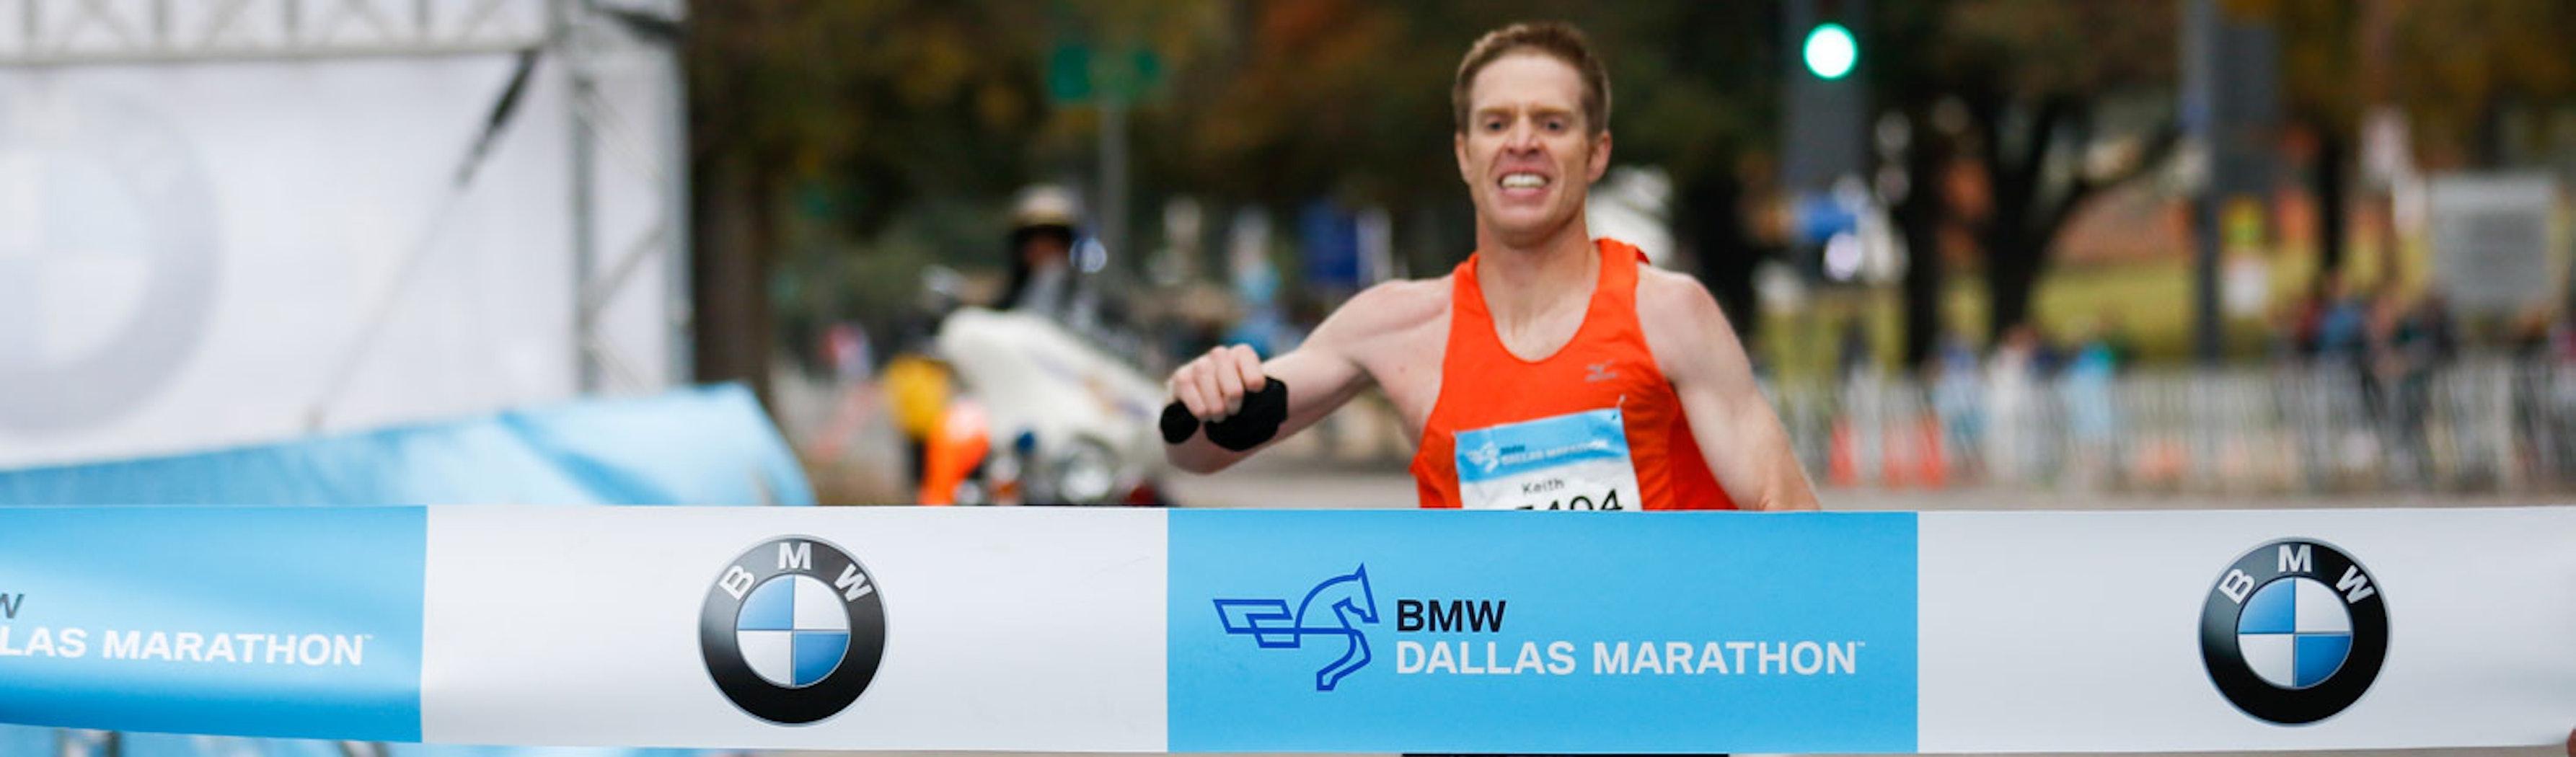 Welcome To Dallas For The Bmw Dallas Marathon